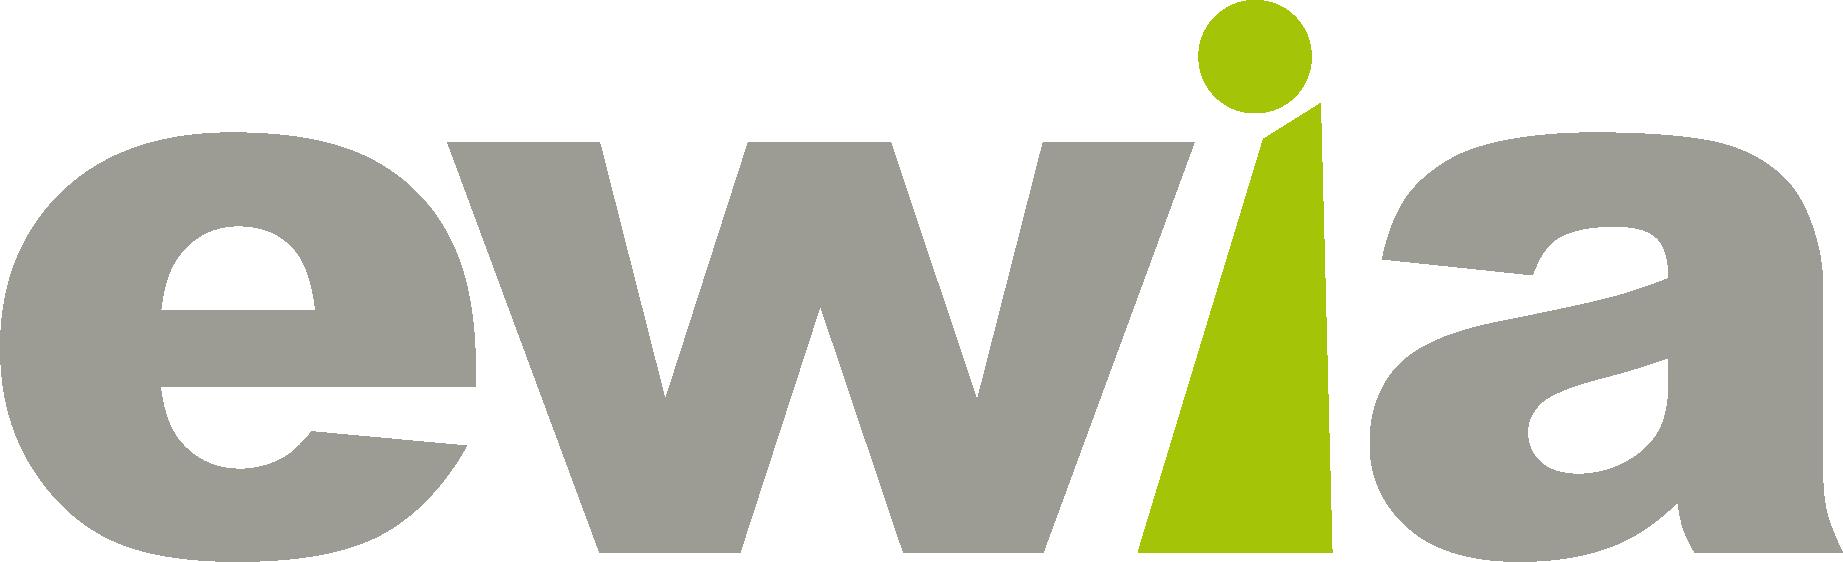 ewia-logo-final